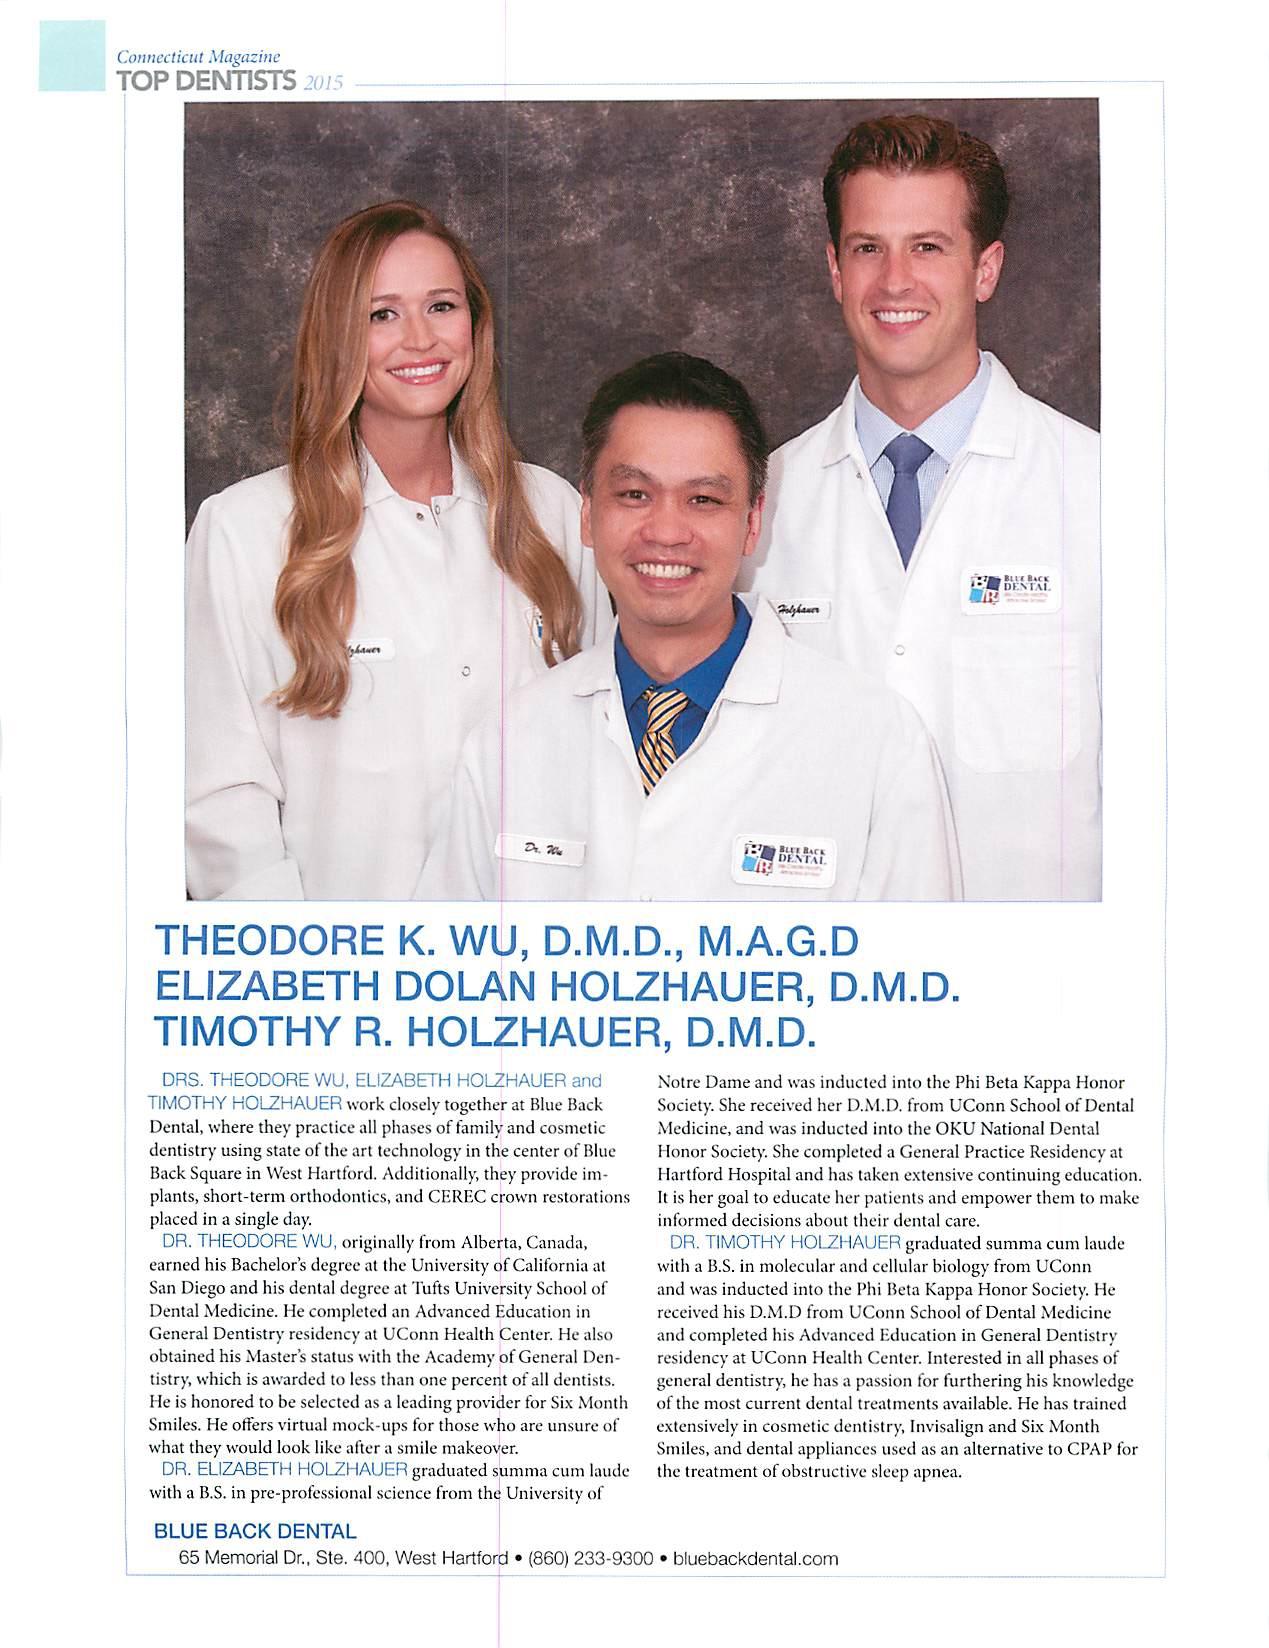 Blue Back Dental: West Hartford Dentistry image 1